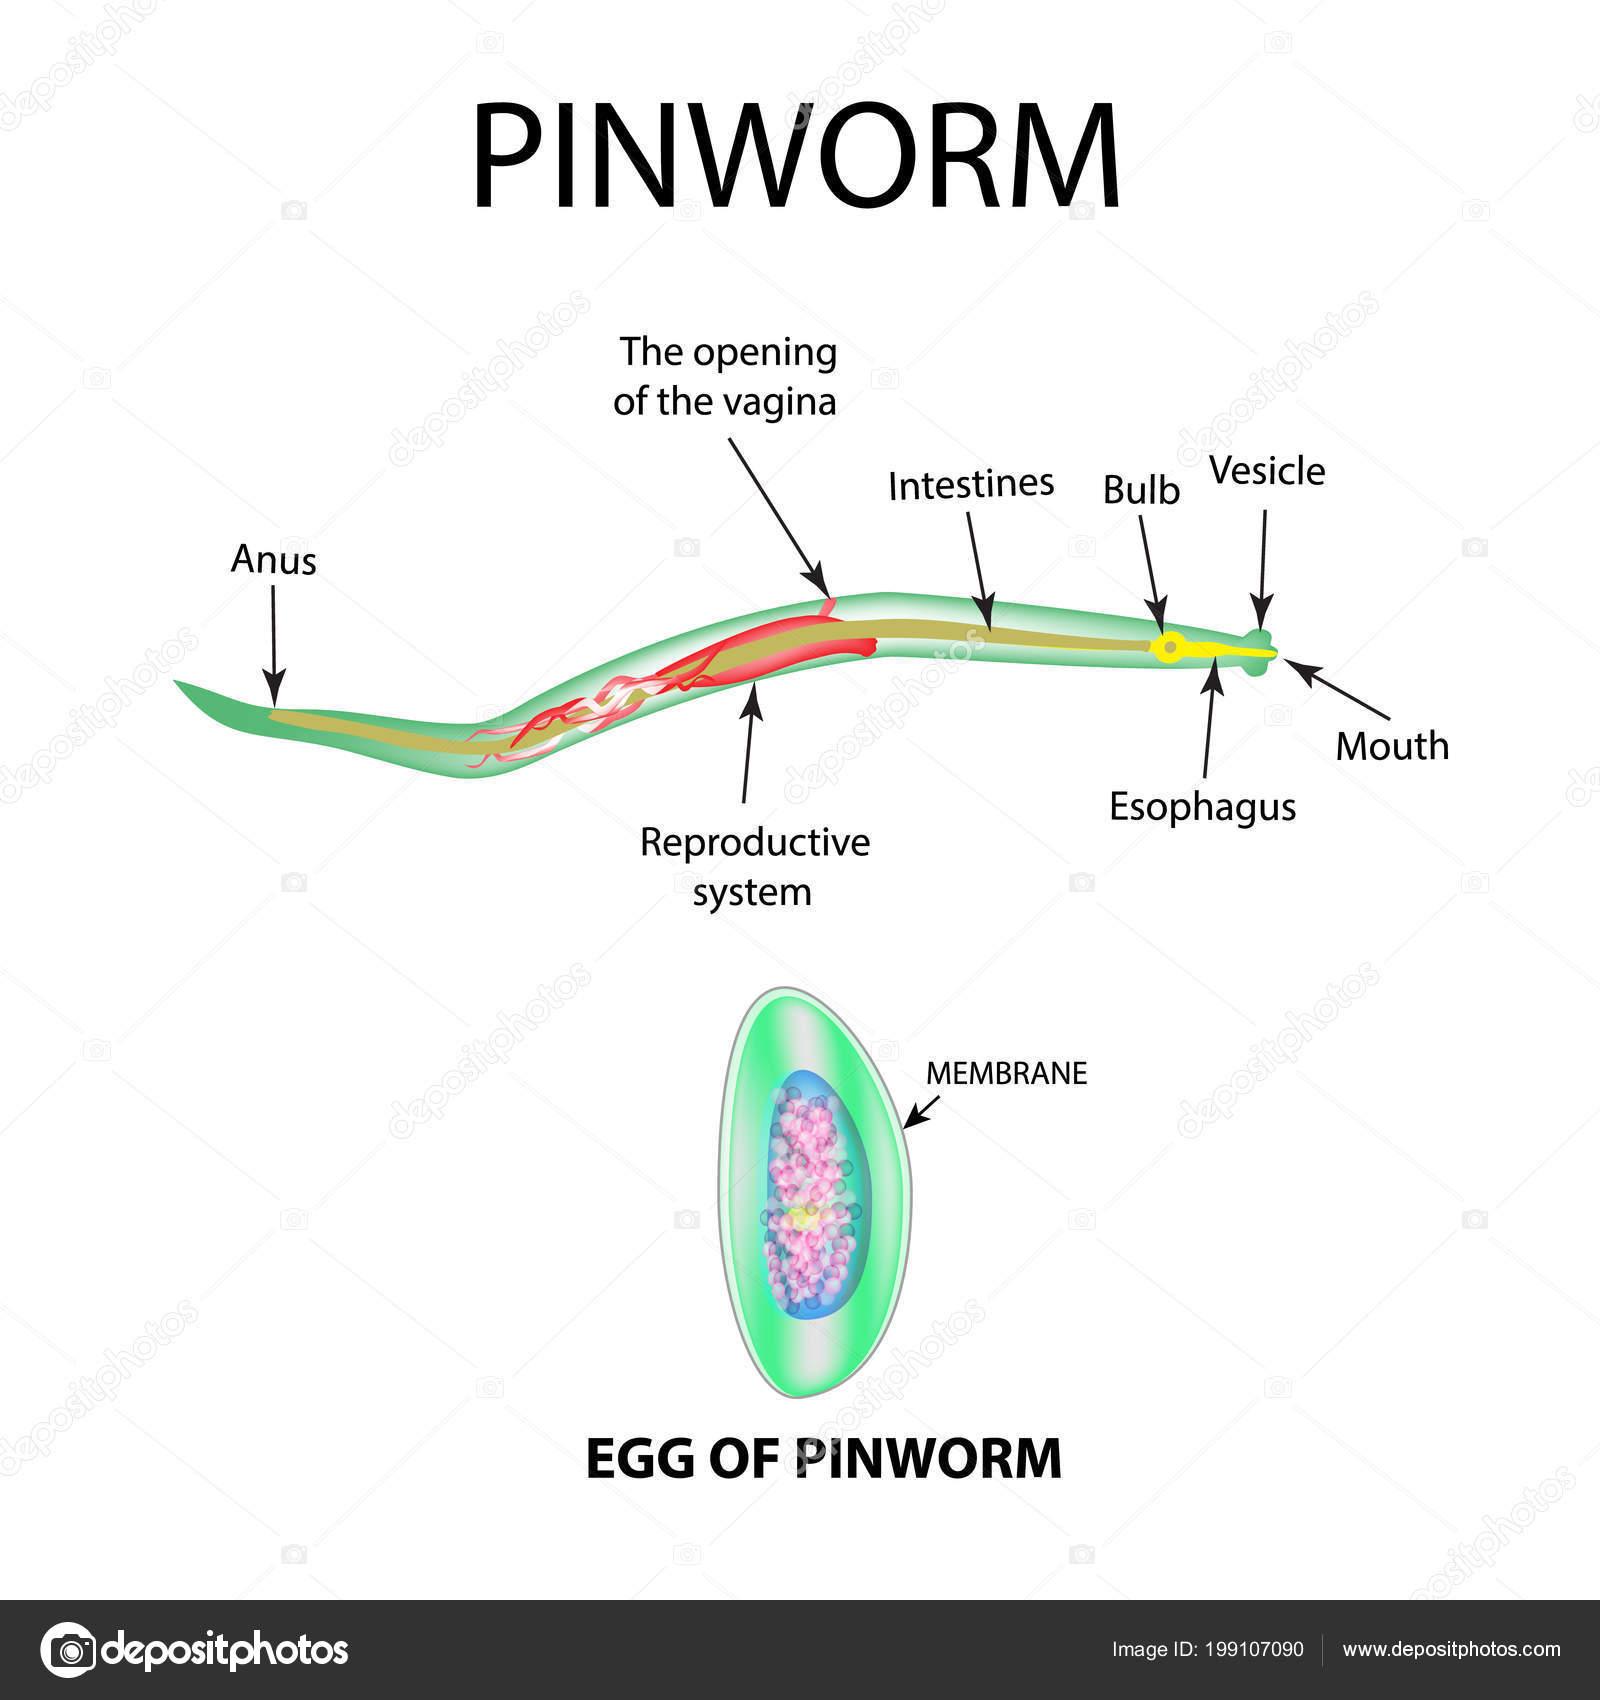 Fonálférgek – Wikipédia Hány pinworm tojás él a külső részén